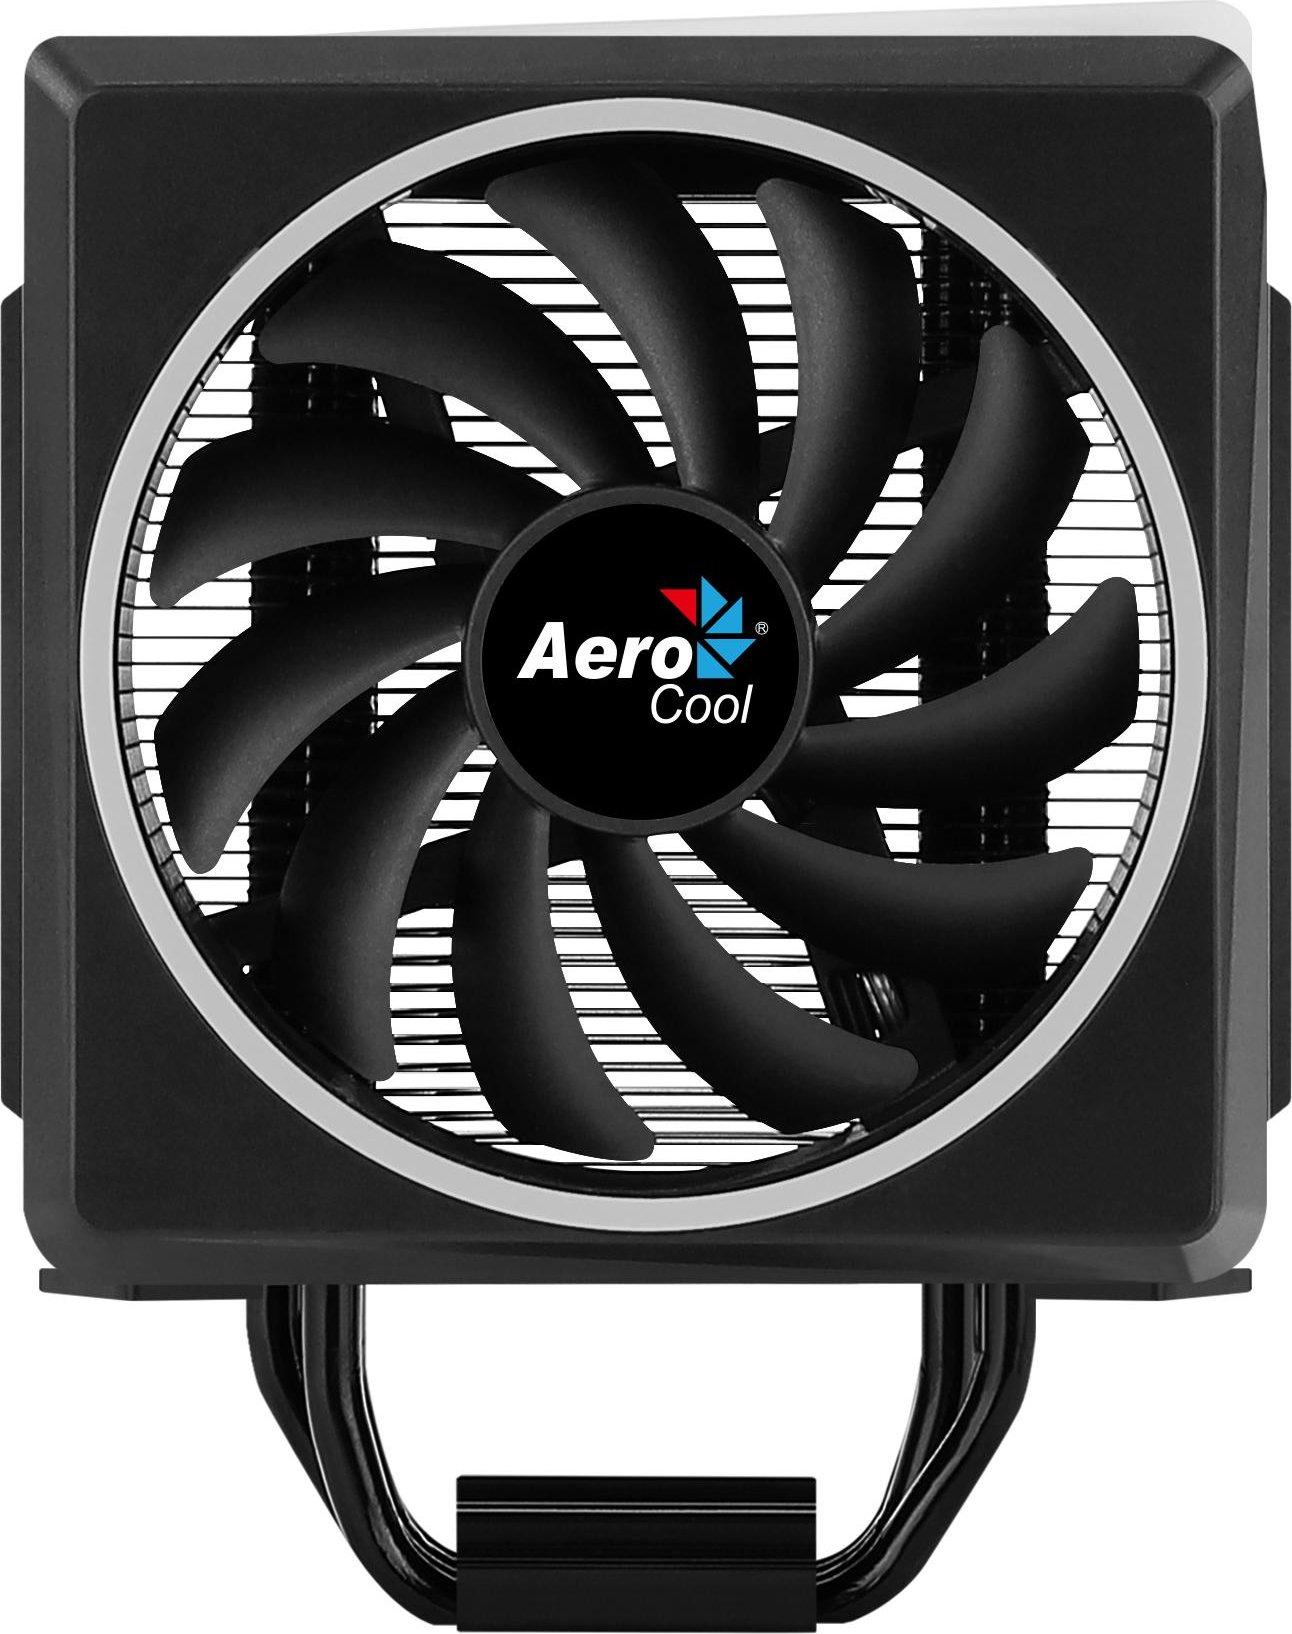 Imagen de Ventilador AEROCOOL con disipador 120mm 145w (CYLON4) | grande (4)